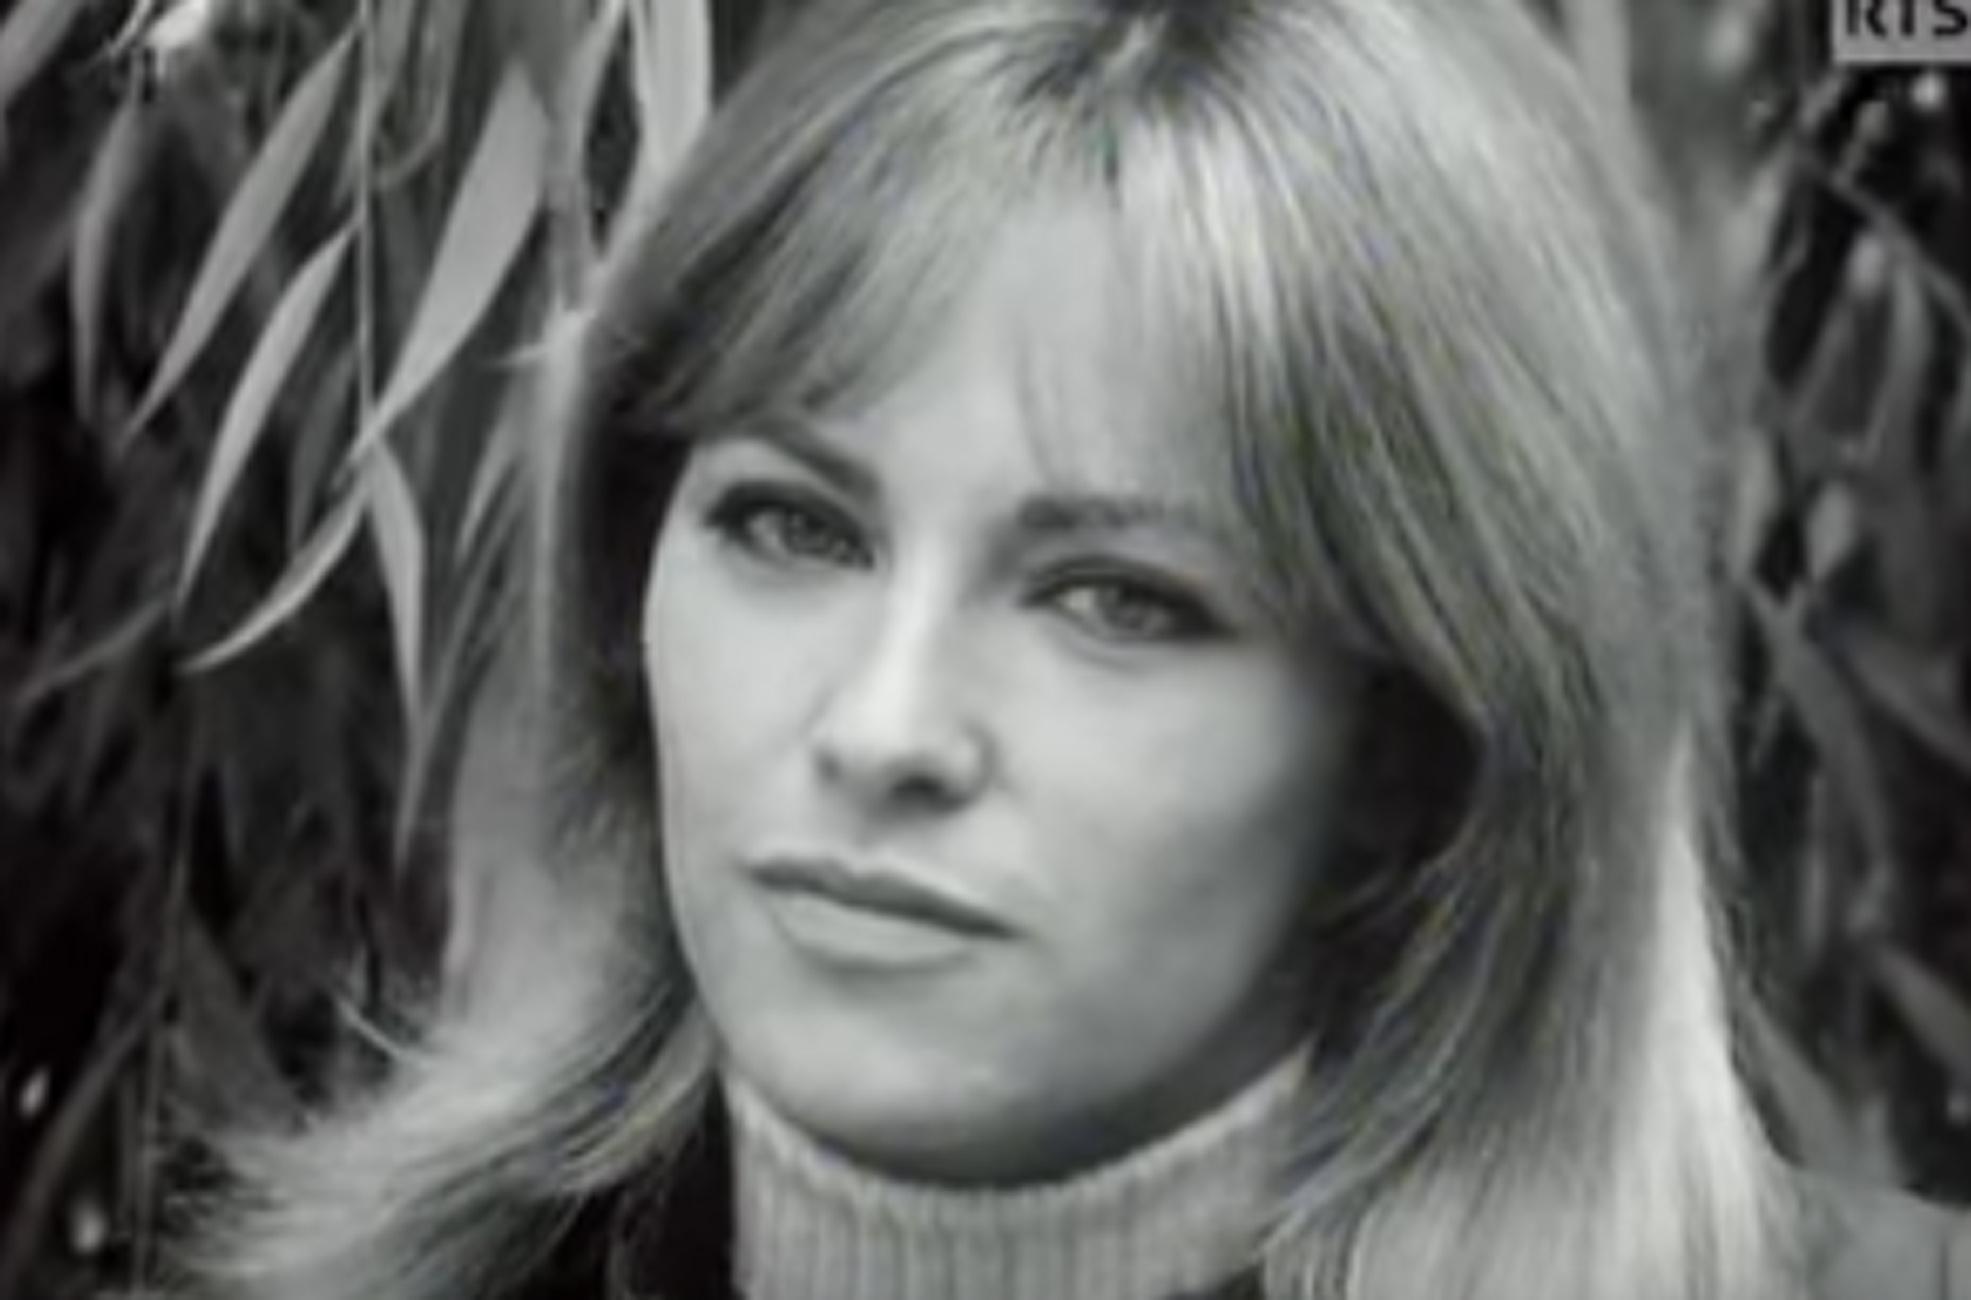 Πέθανε η Ναταλί Ντελόν, η μοναδική σύζυγος του Αλέν Ντελόν